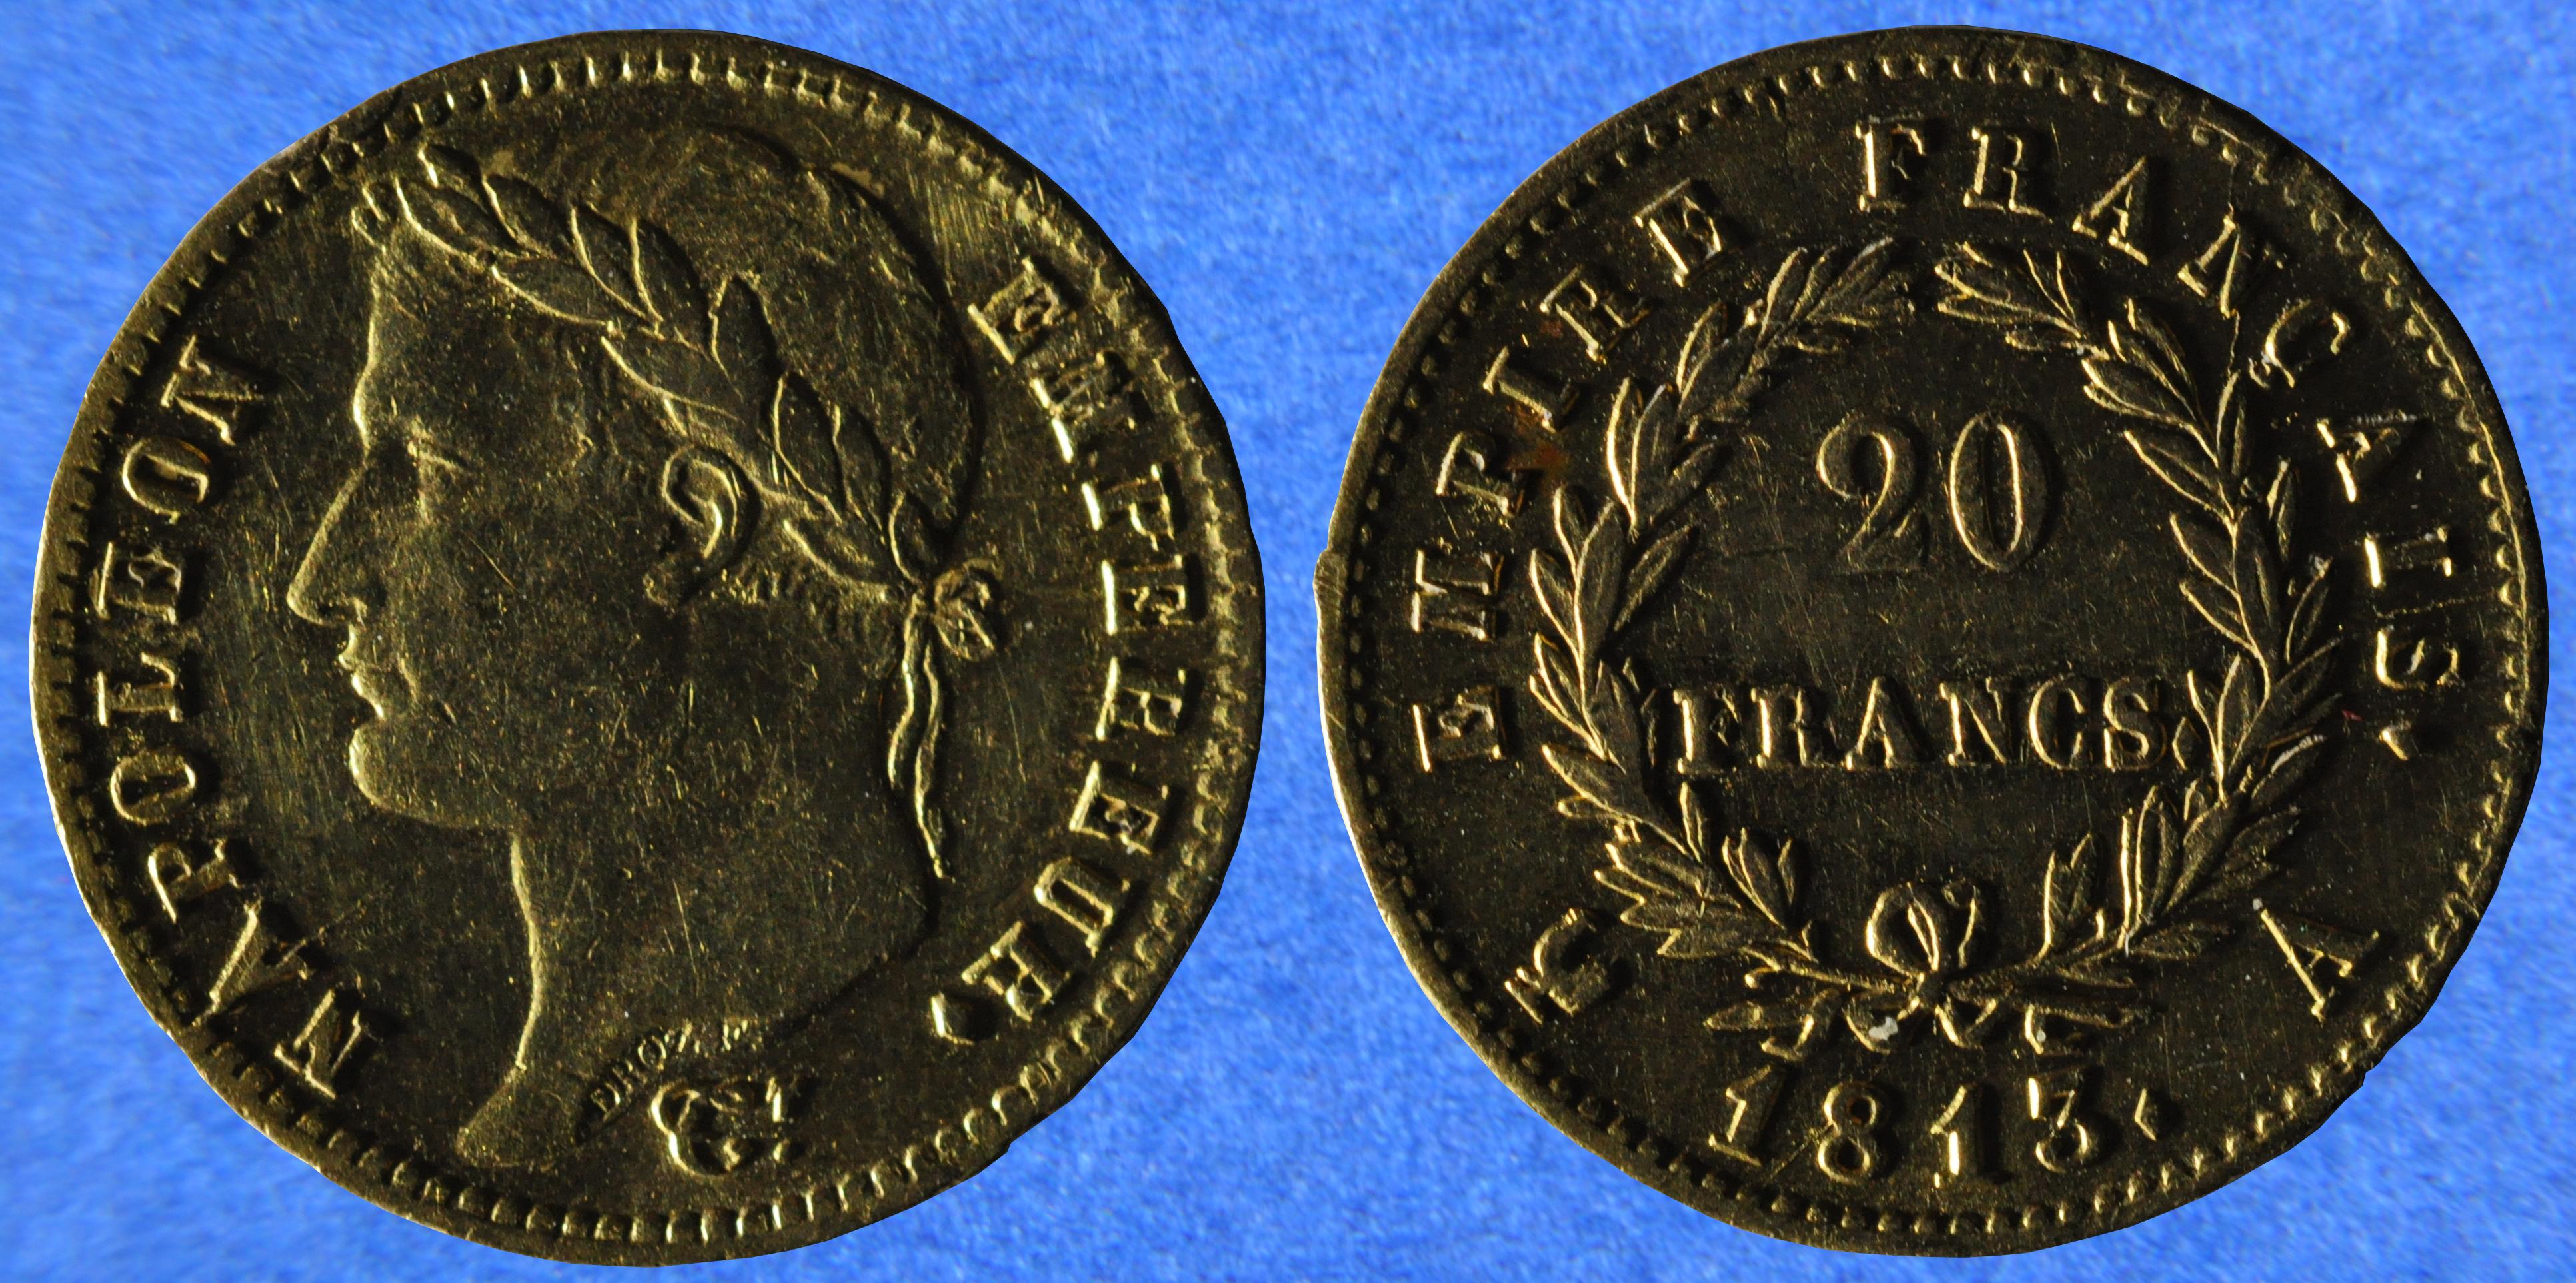 File:20 francs Napoléon 1er Premier Empire 1813 (29729381553